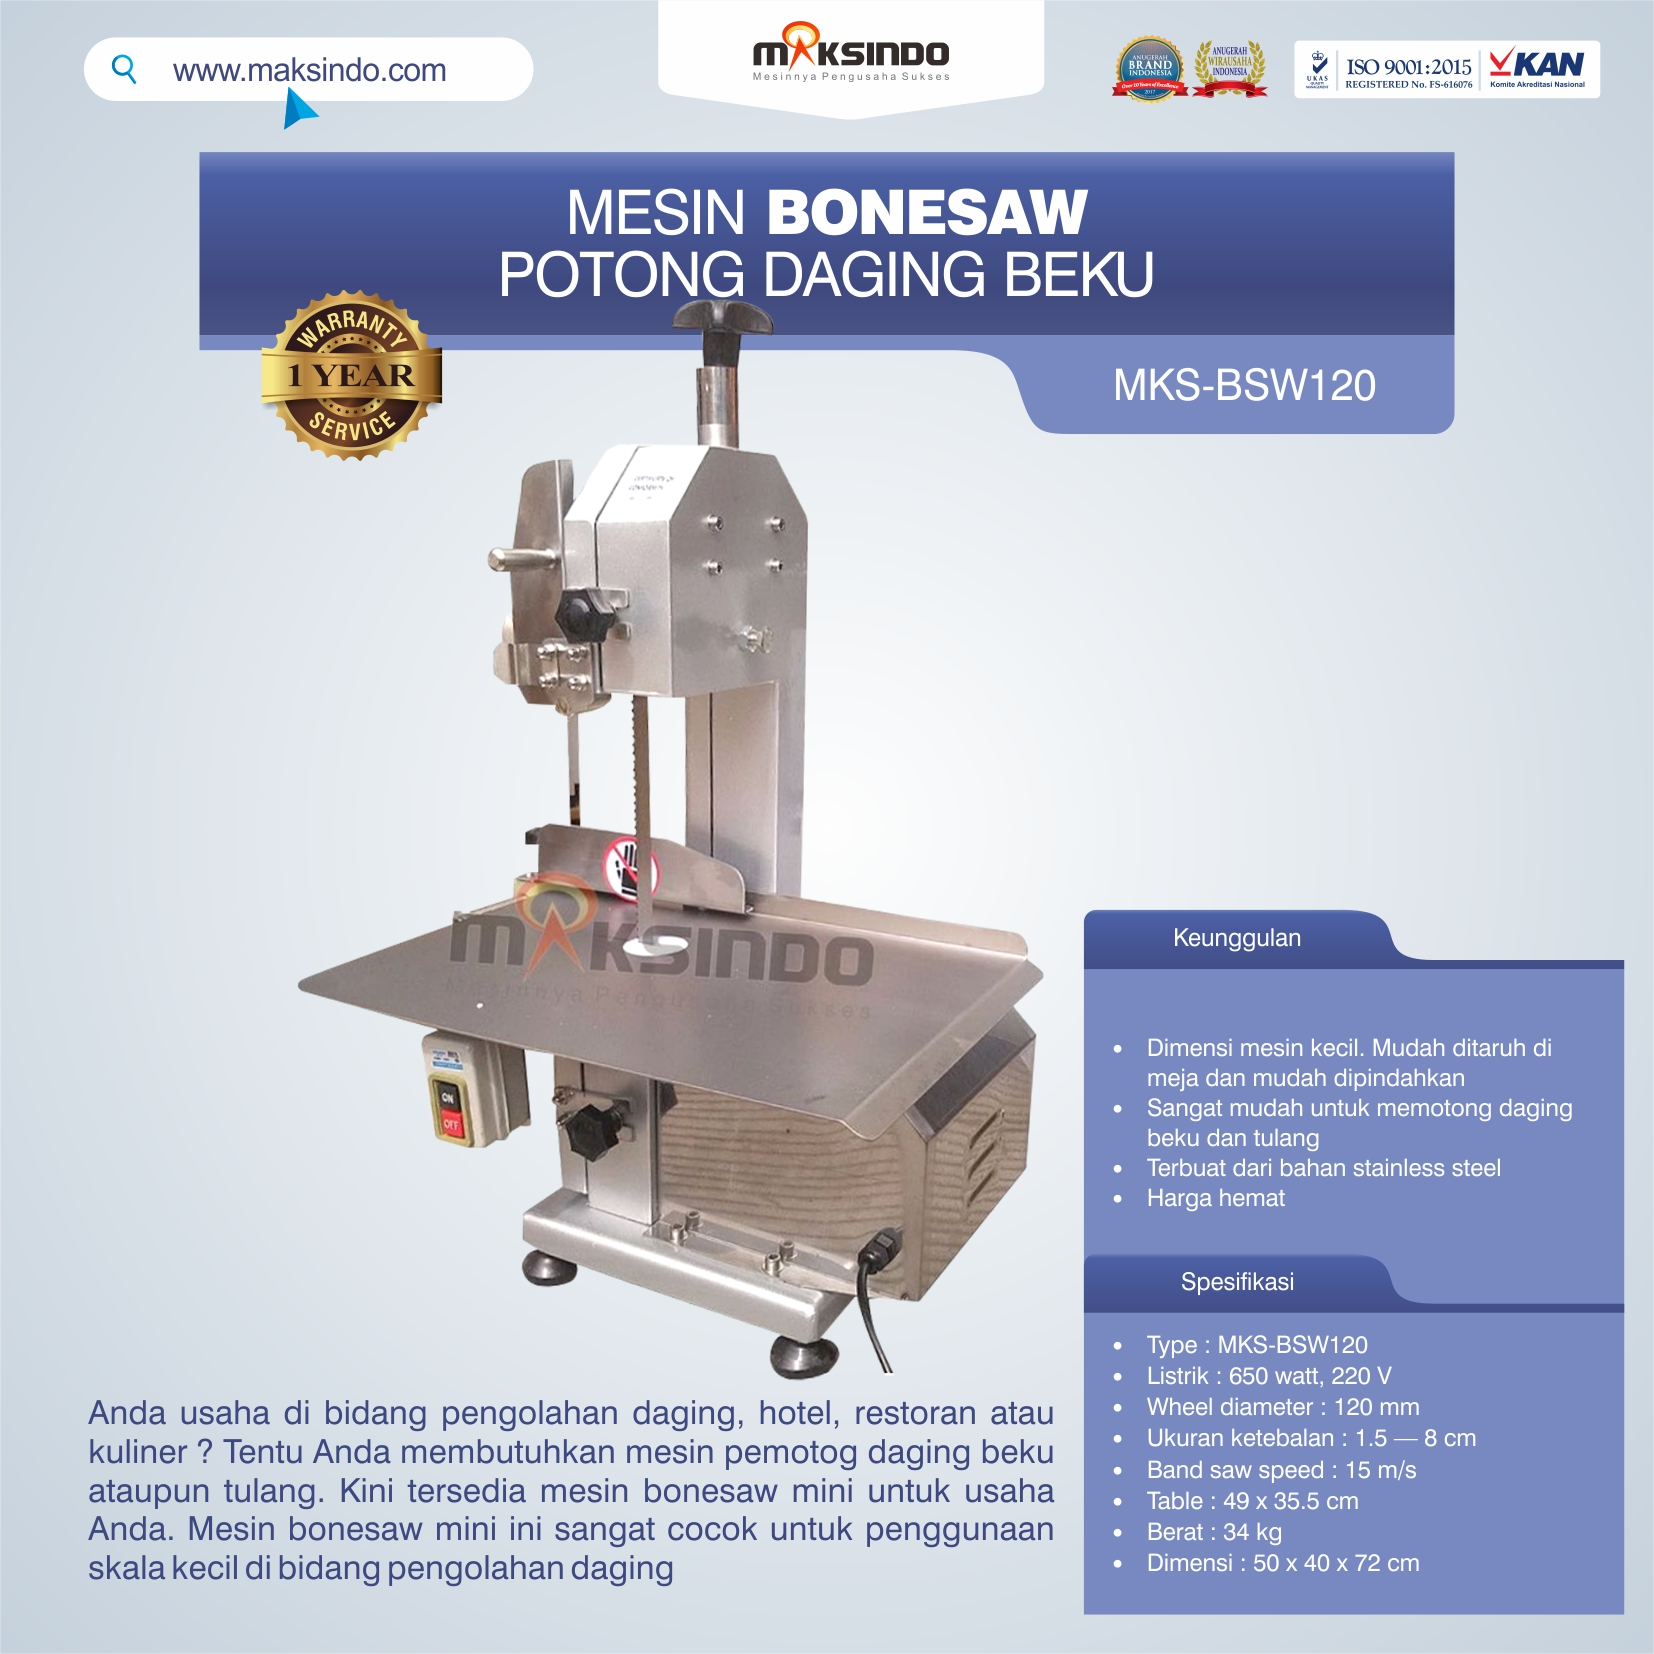 Jual Bonesaw Pemotong Daging Beku (MKS-BSW120) di Tangerang